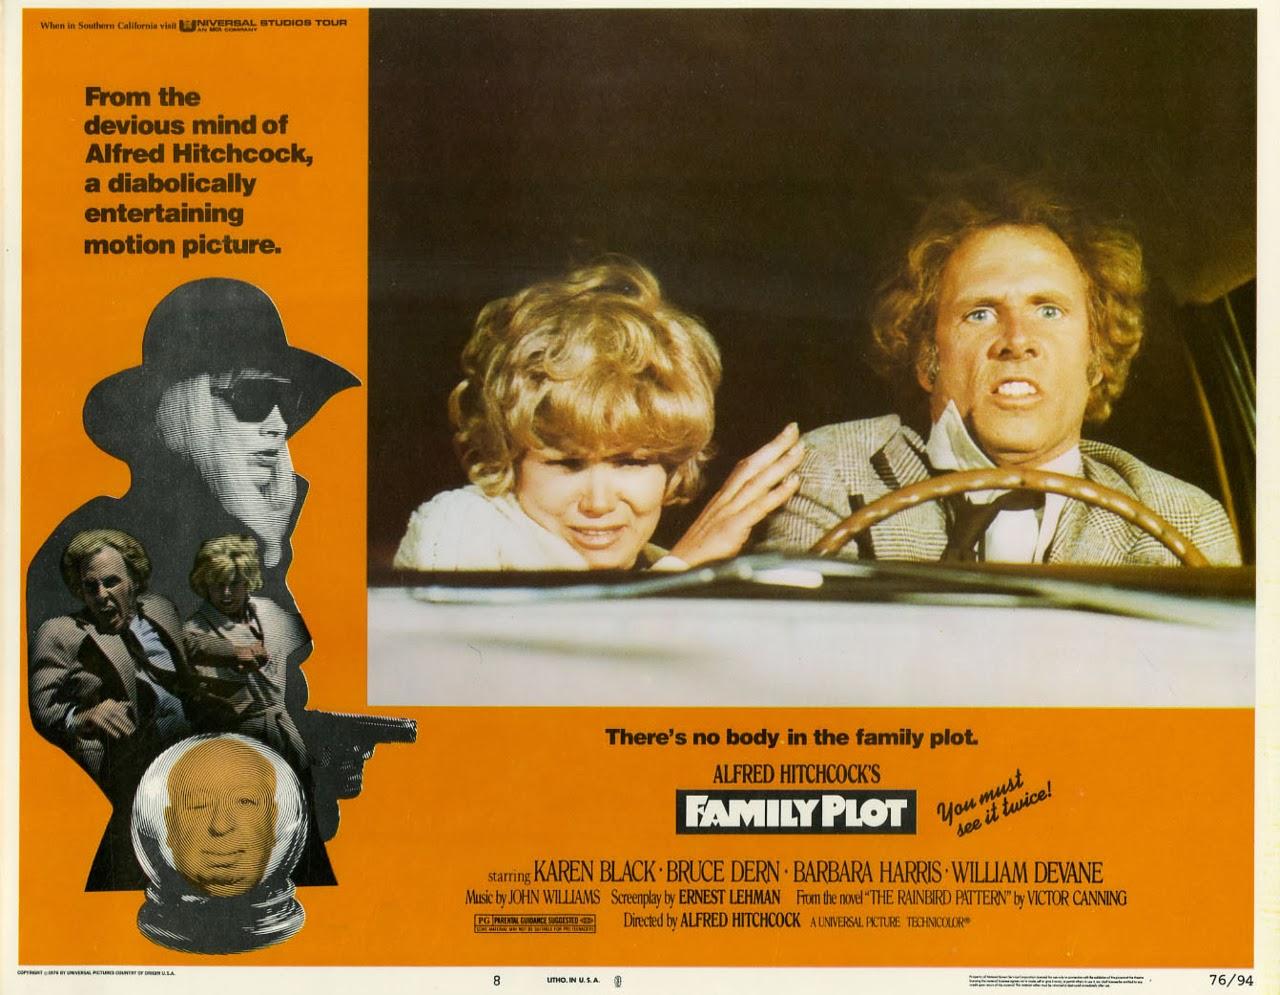 Family Plot by Alfred Hitchcock - Complotto di Famiglia